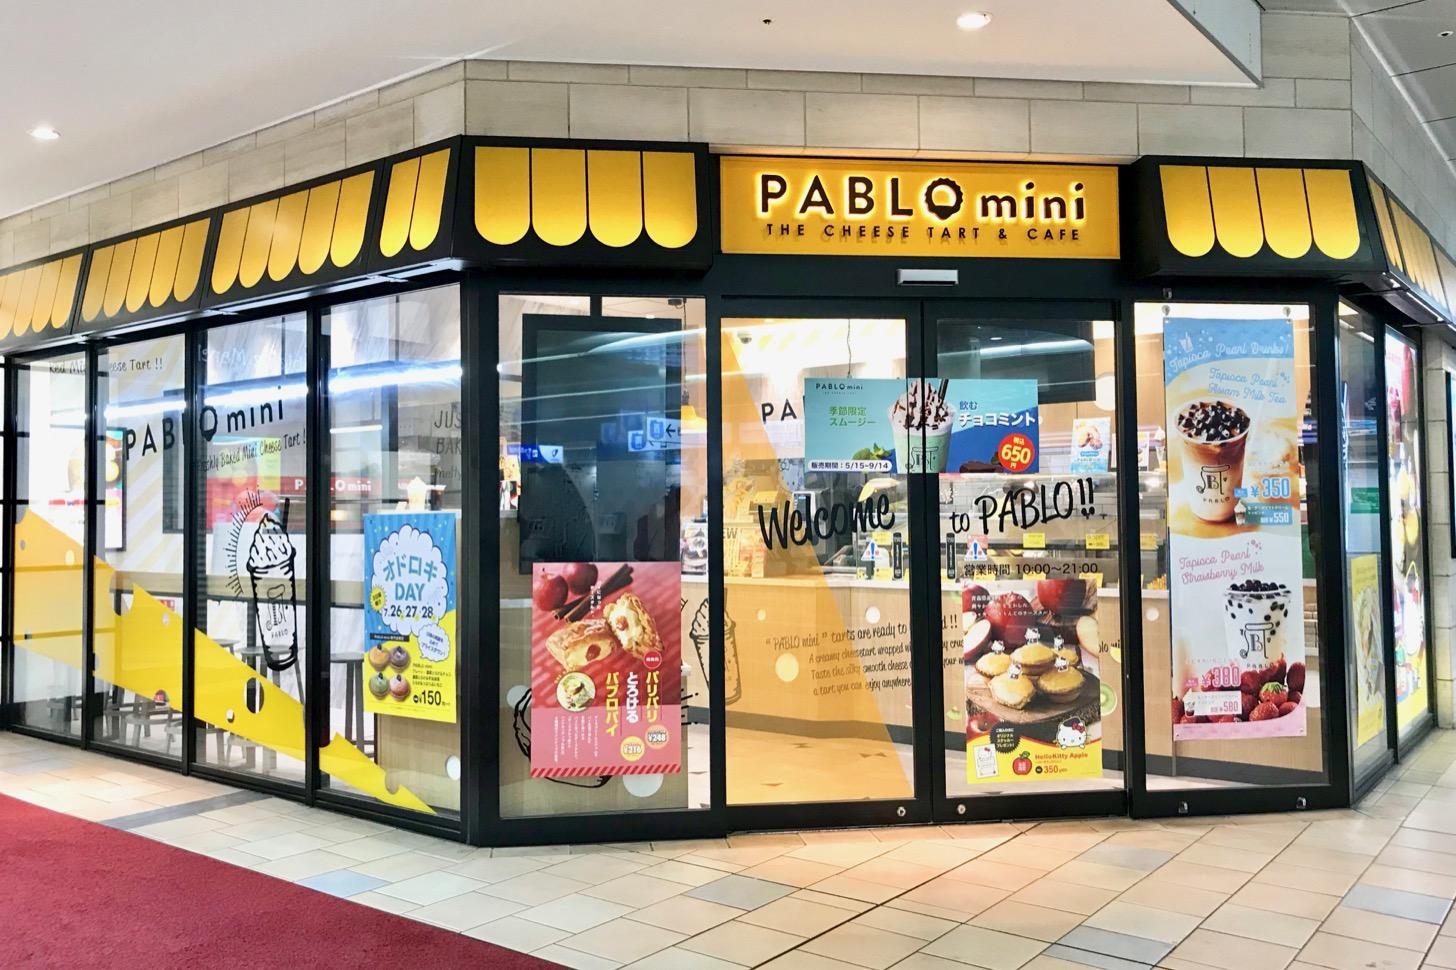 PABLO mini(パブロミニ)小田急多摩センター店の外観